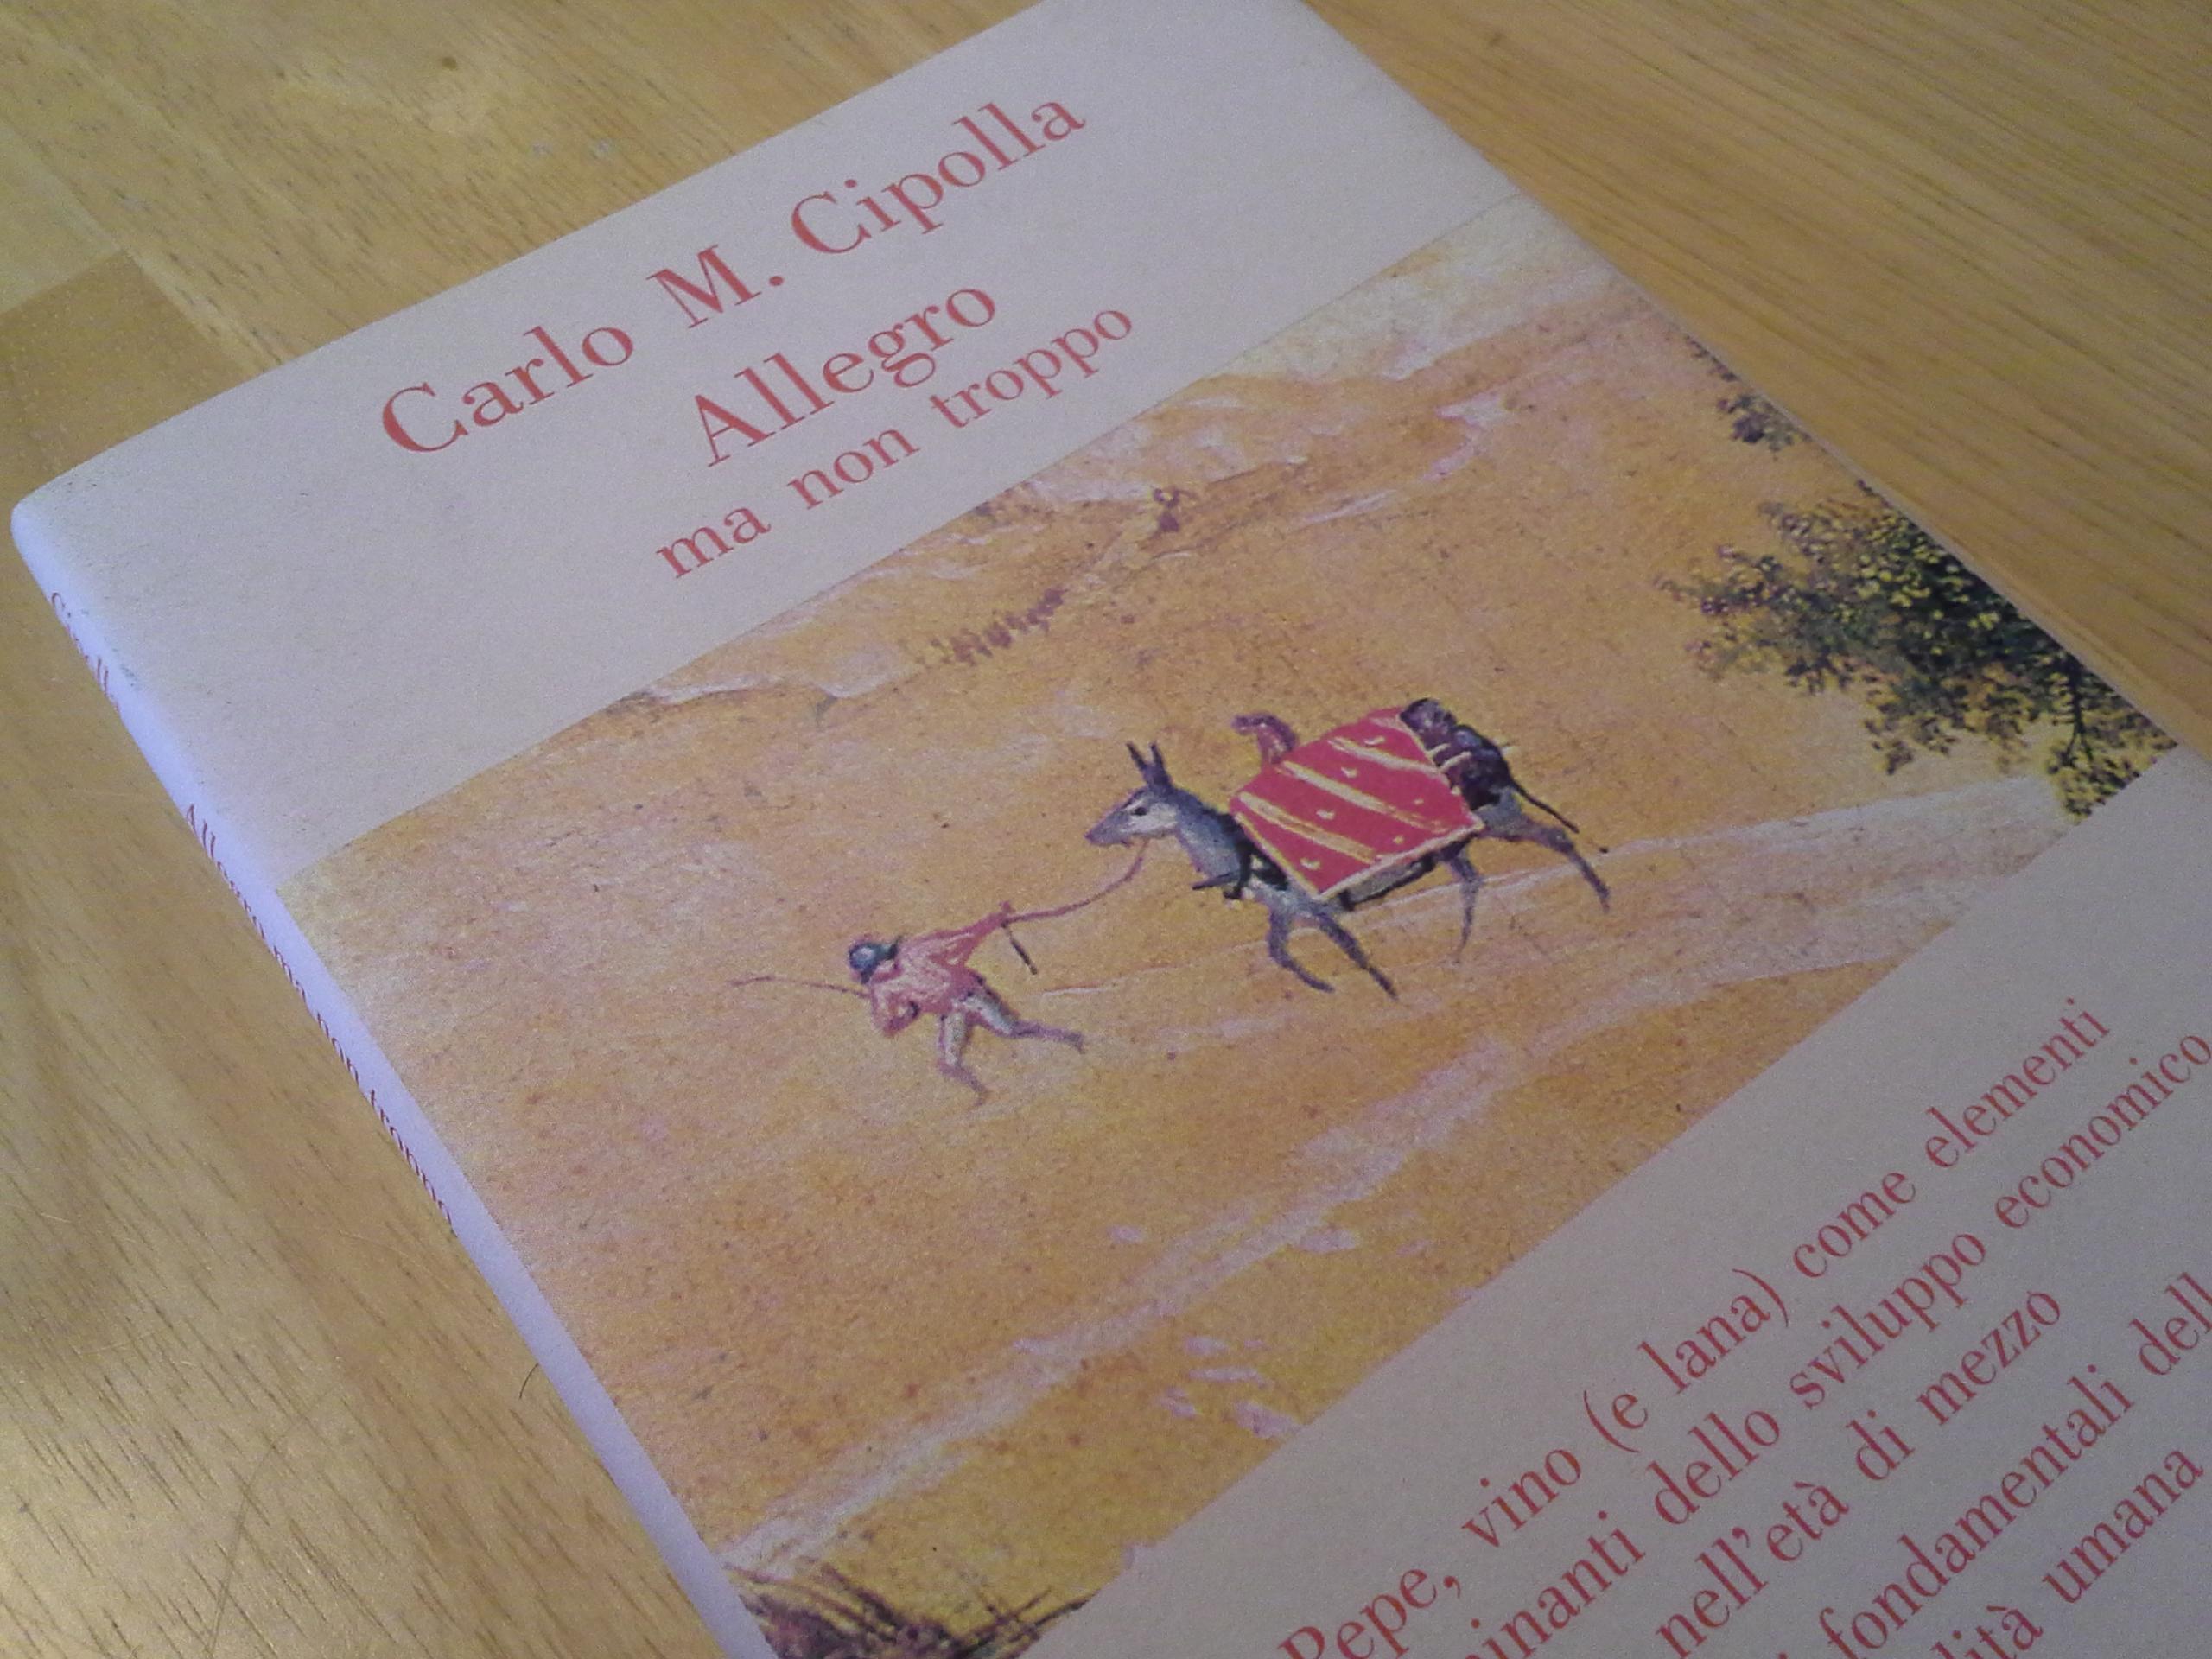 Carlo Cipolla, Allegro ma non troppo con le leggi fondamentali della stupidita umana